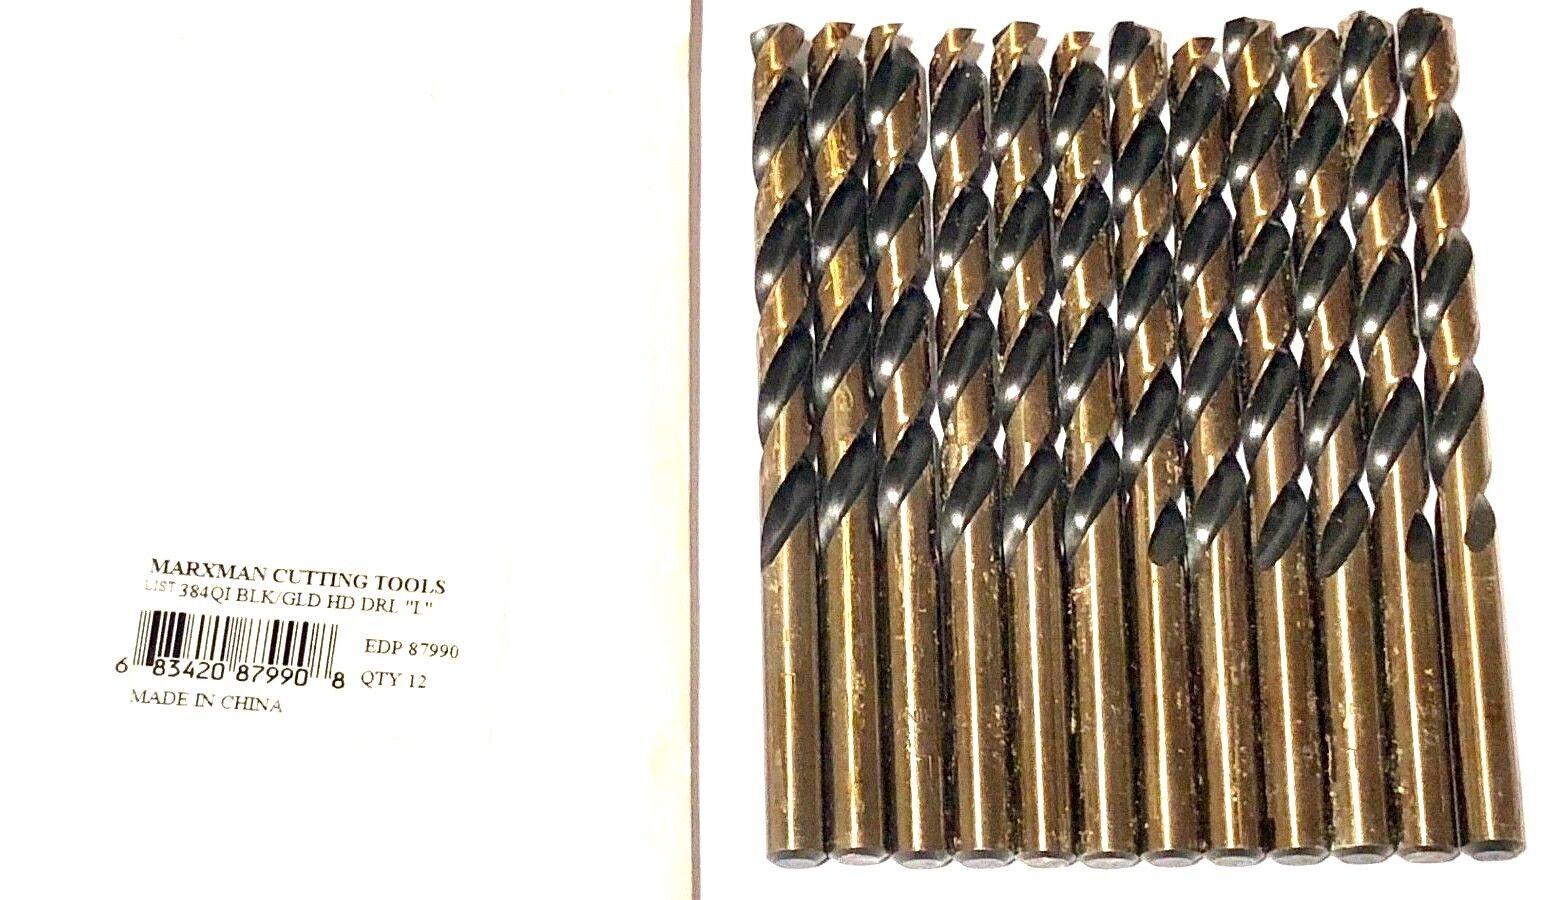 Marxman Letter K Drill Bit Jobber Length Heavy Duty Drills HSS 12 Pack